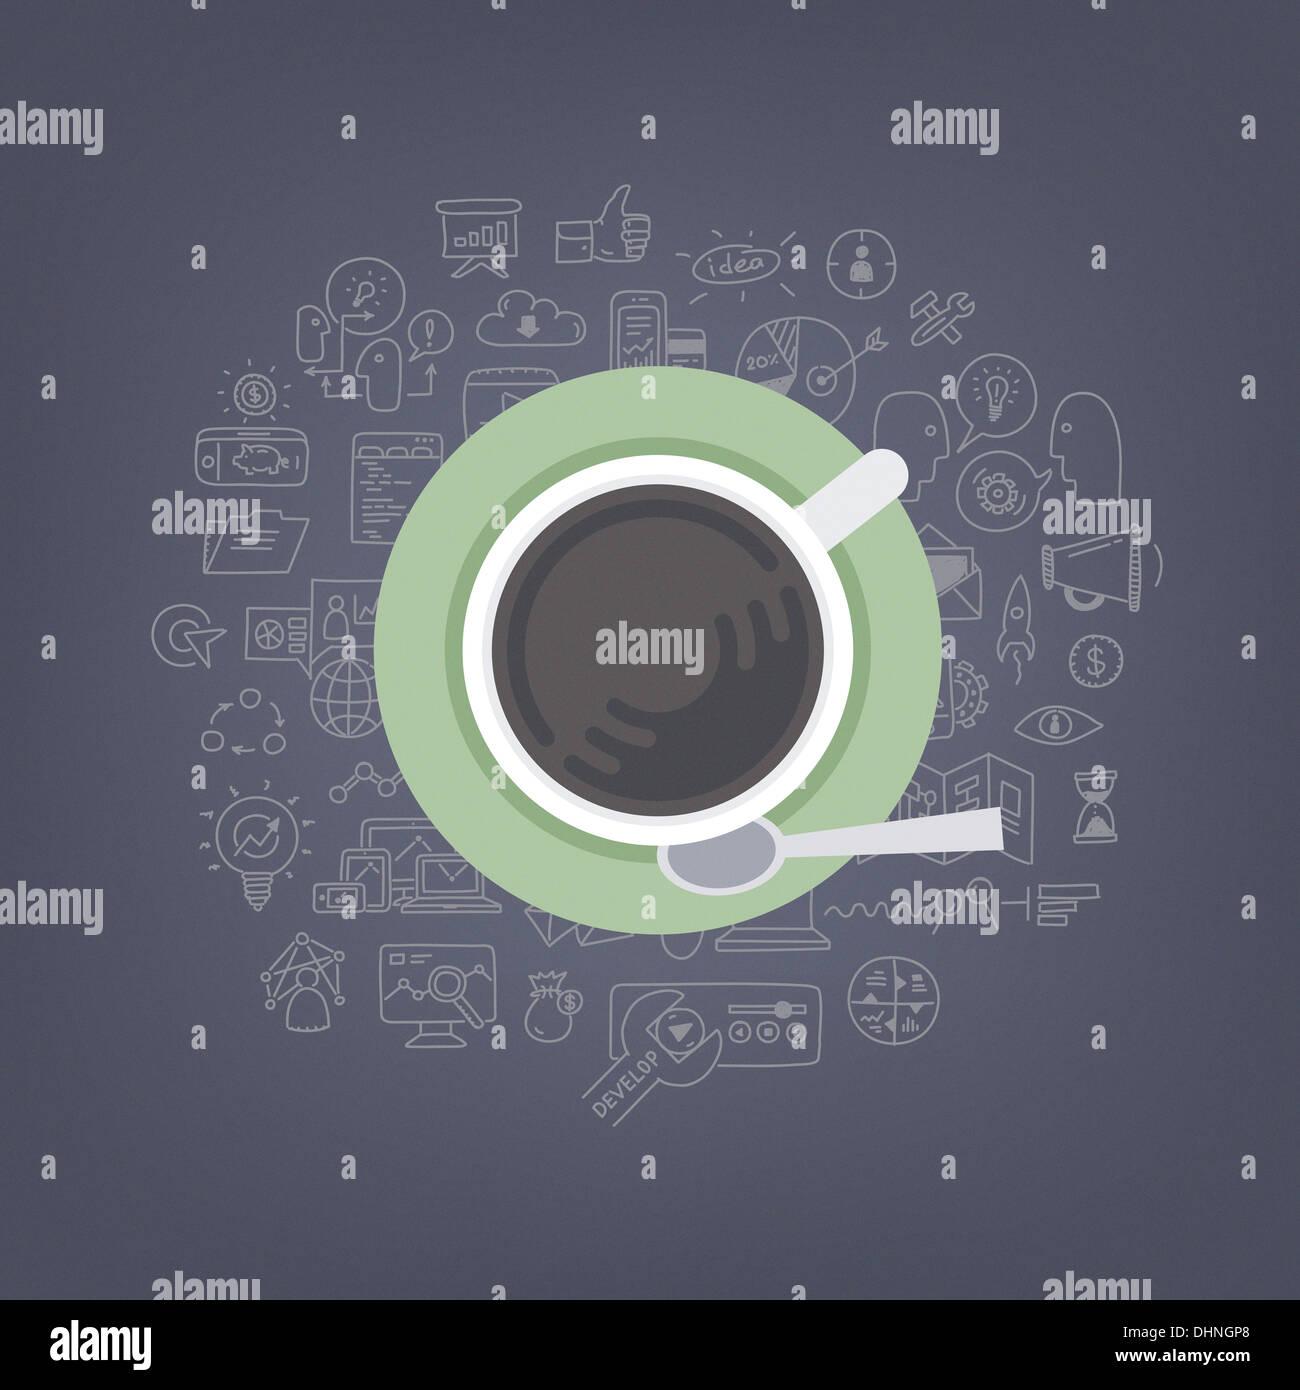 Illustrazione moderno concetto di pensare, di brainstorming e di sviluppo business e marketing idee mentre si beve il caffè Immagini Stock